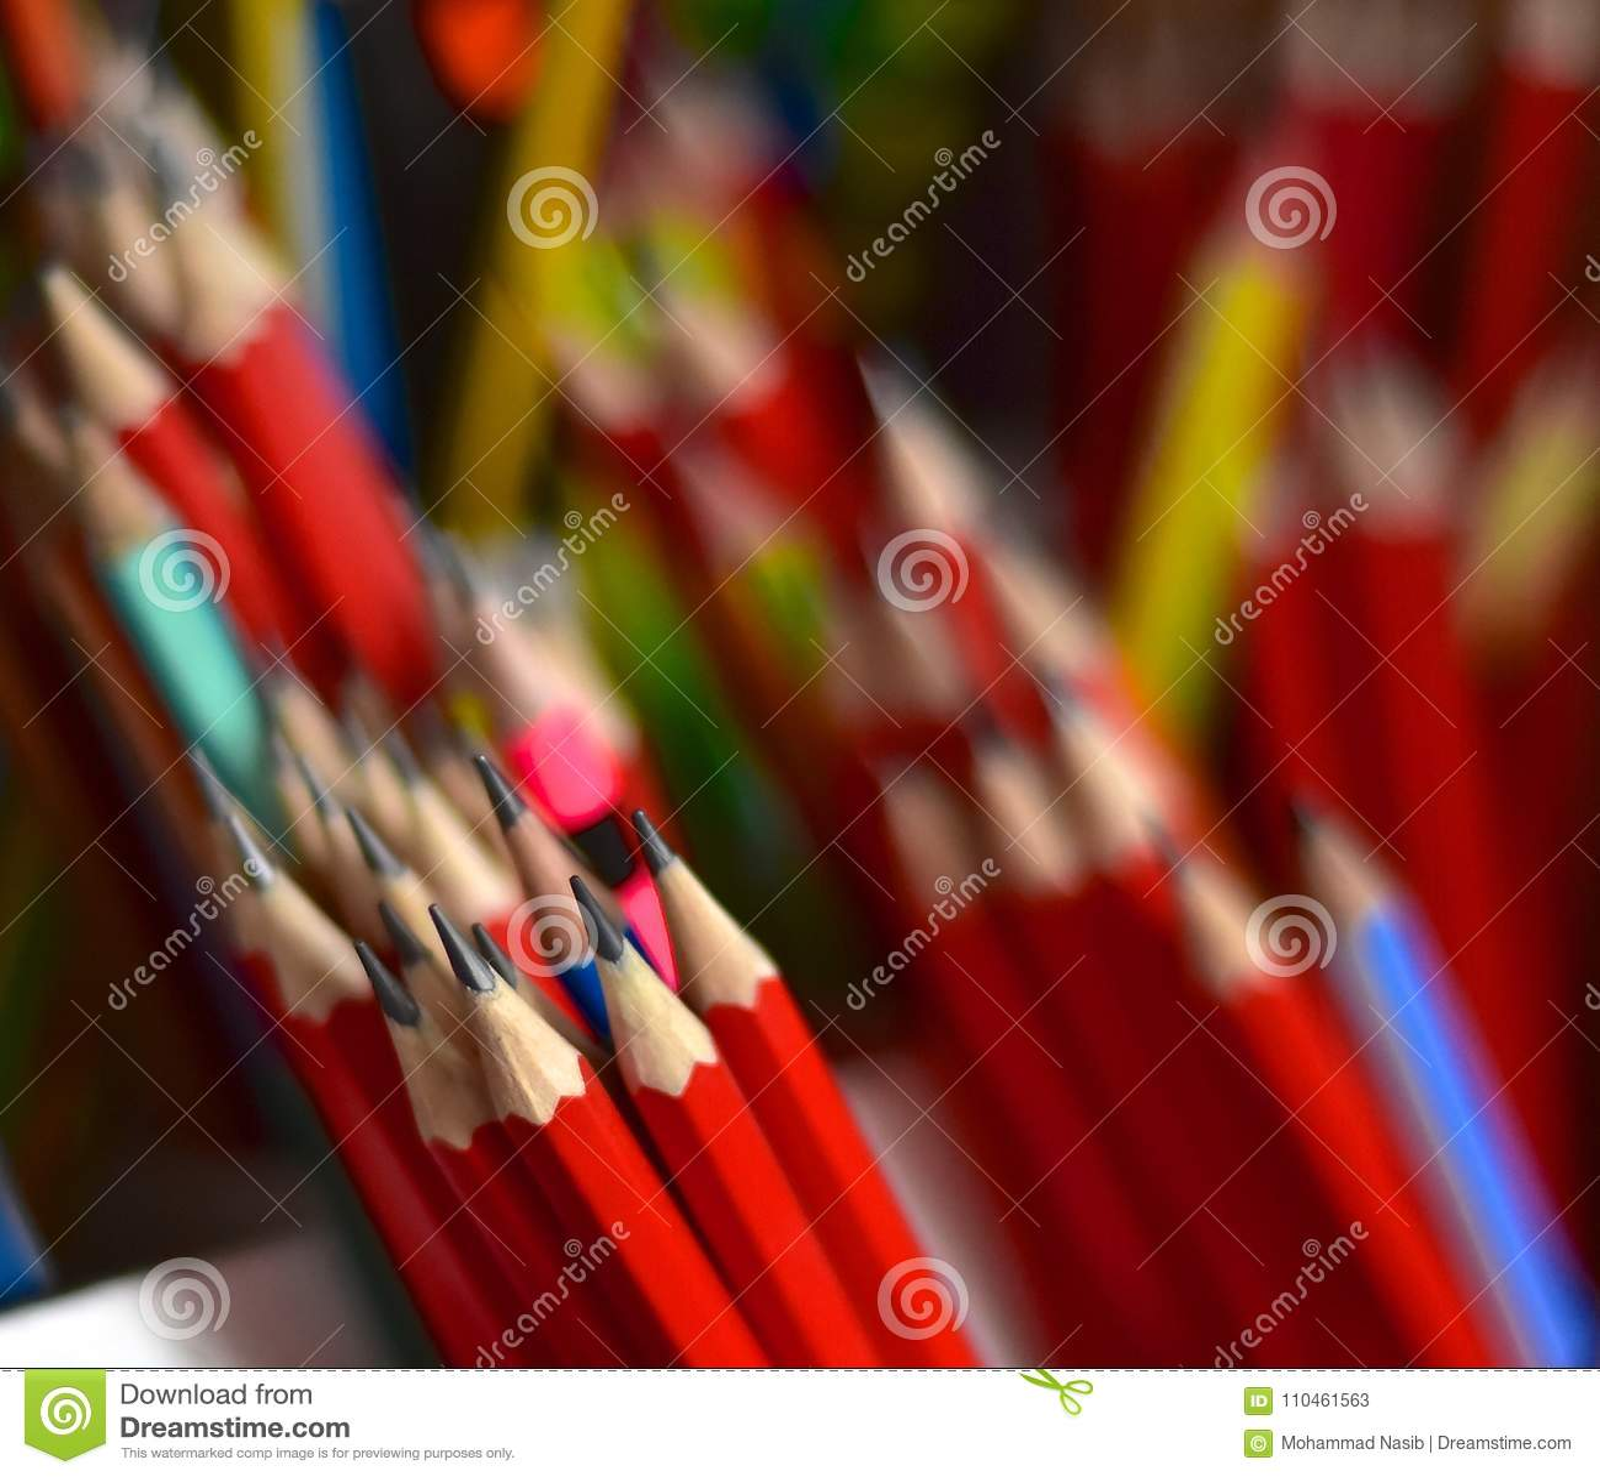 Bunten av isolerade röda blyertspennor 2B anmärker fotografiet